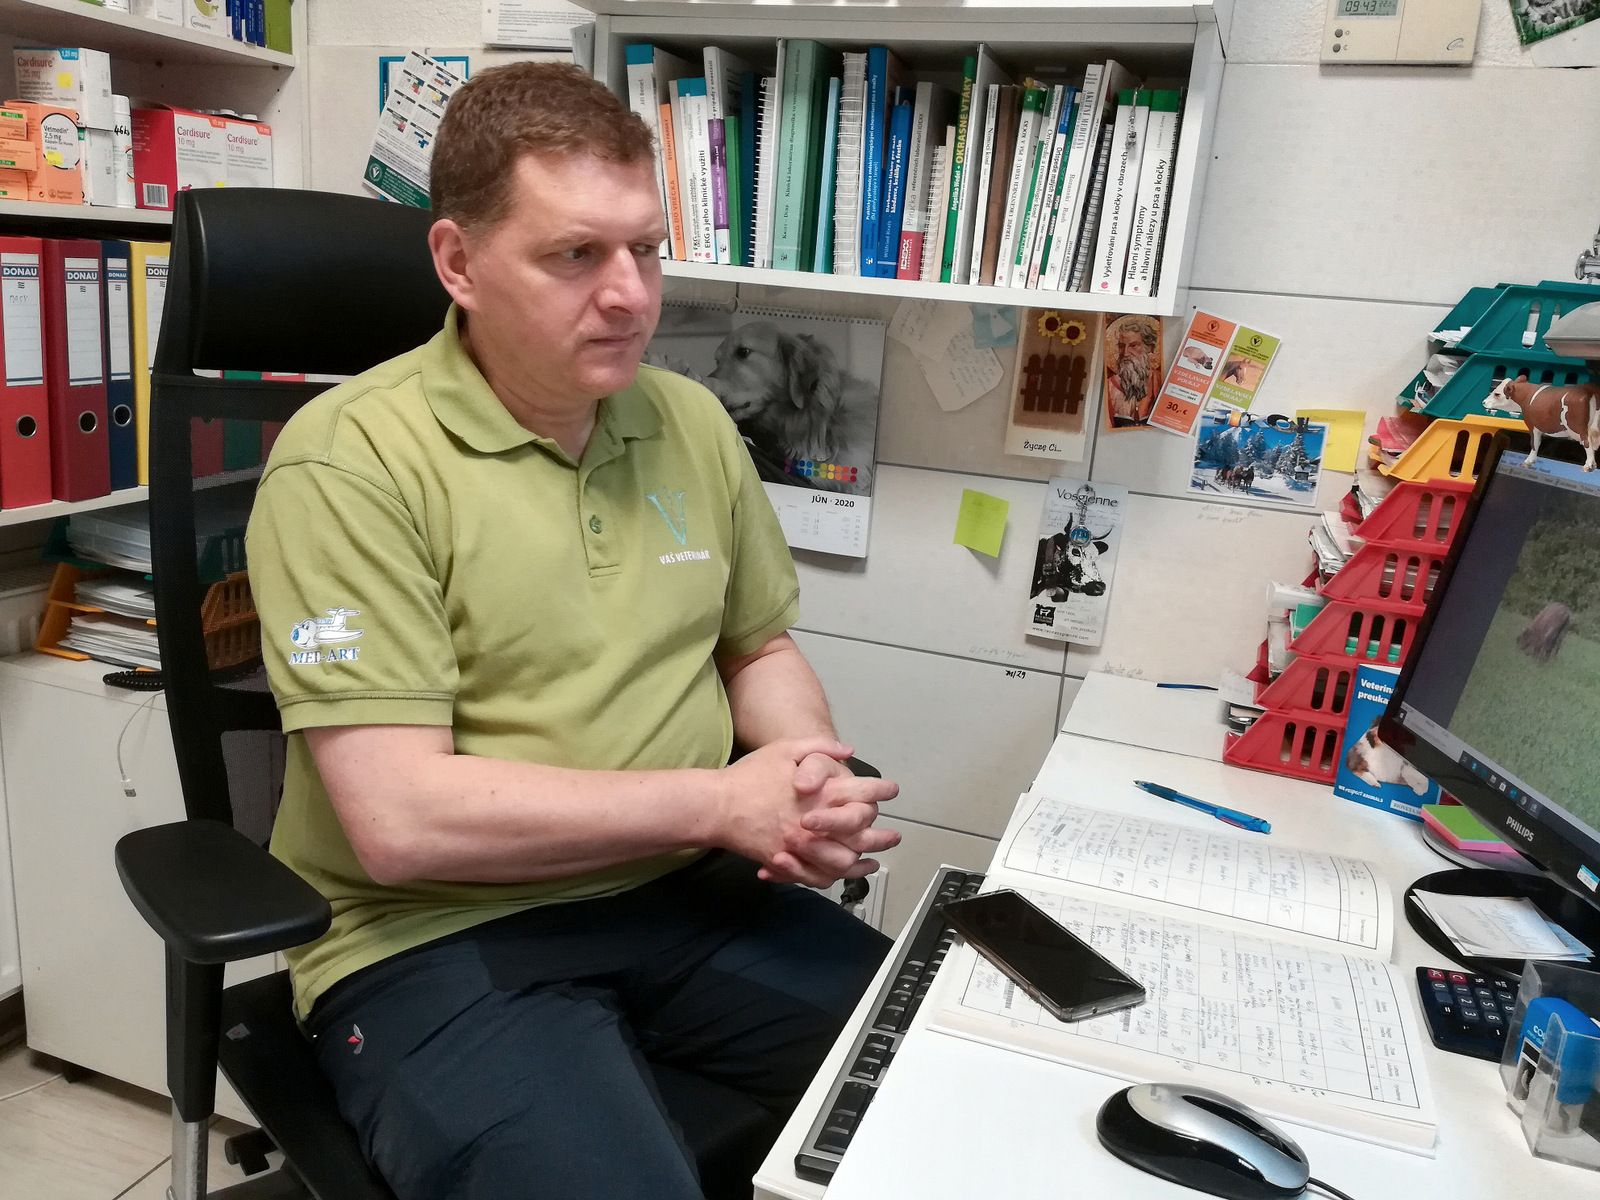 Veterinár a nadšený pozorovateľ zubrov Vladislav Juško vo svojej veterinárnej ambulancii.